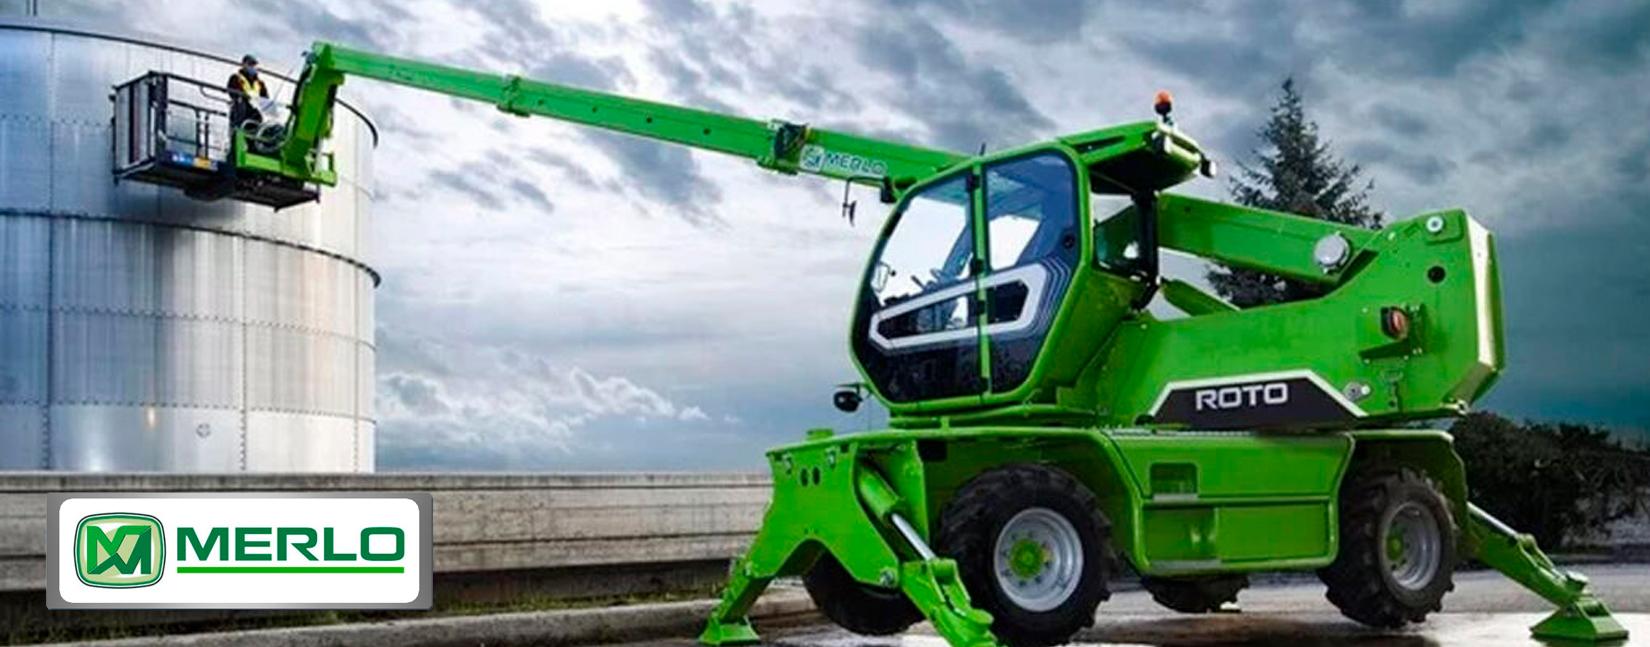 Merlo Truck equipos de construccion Republica Dominicana